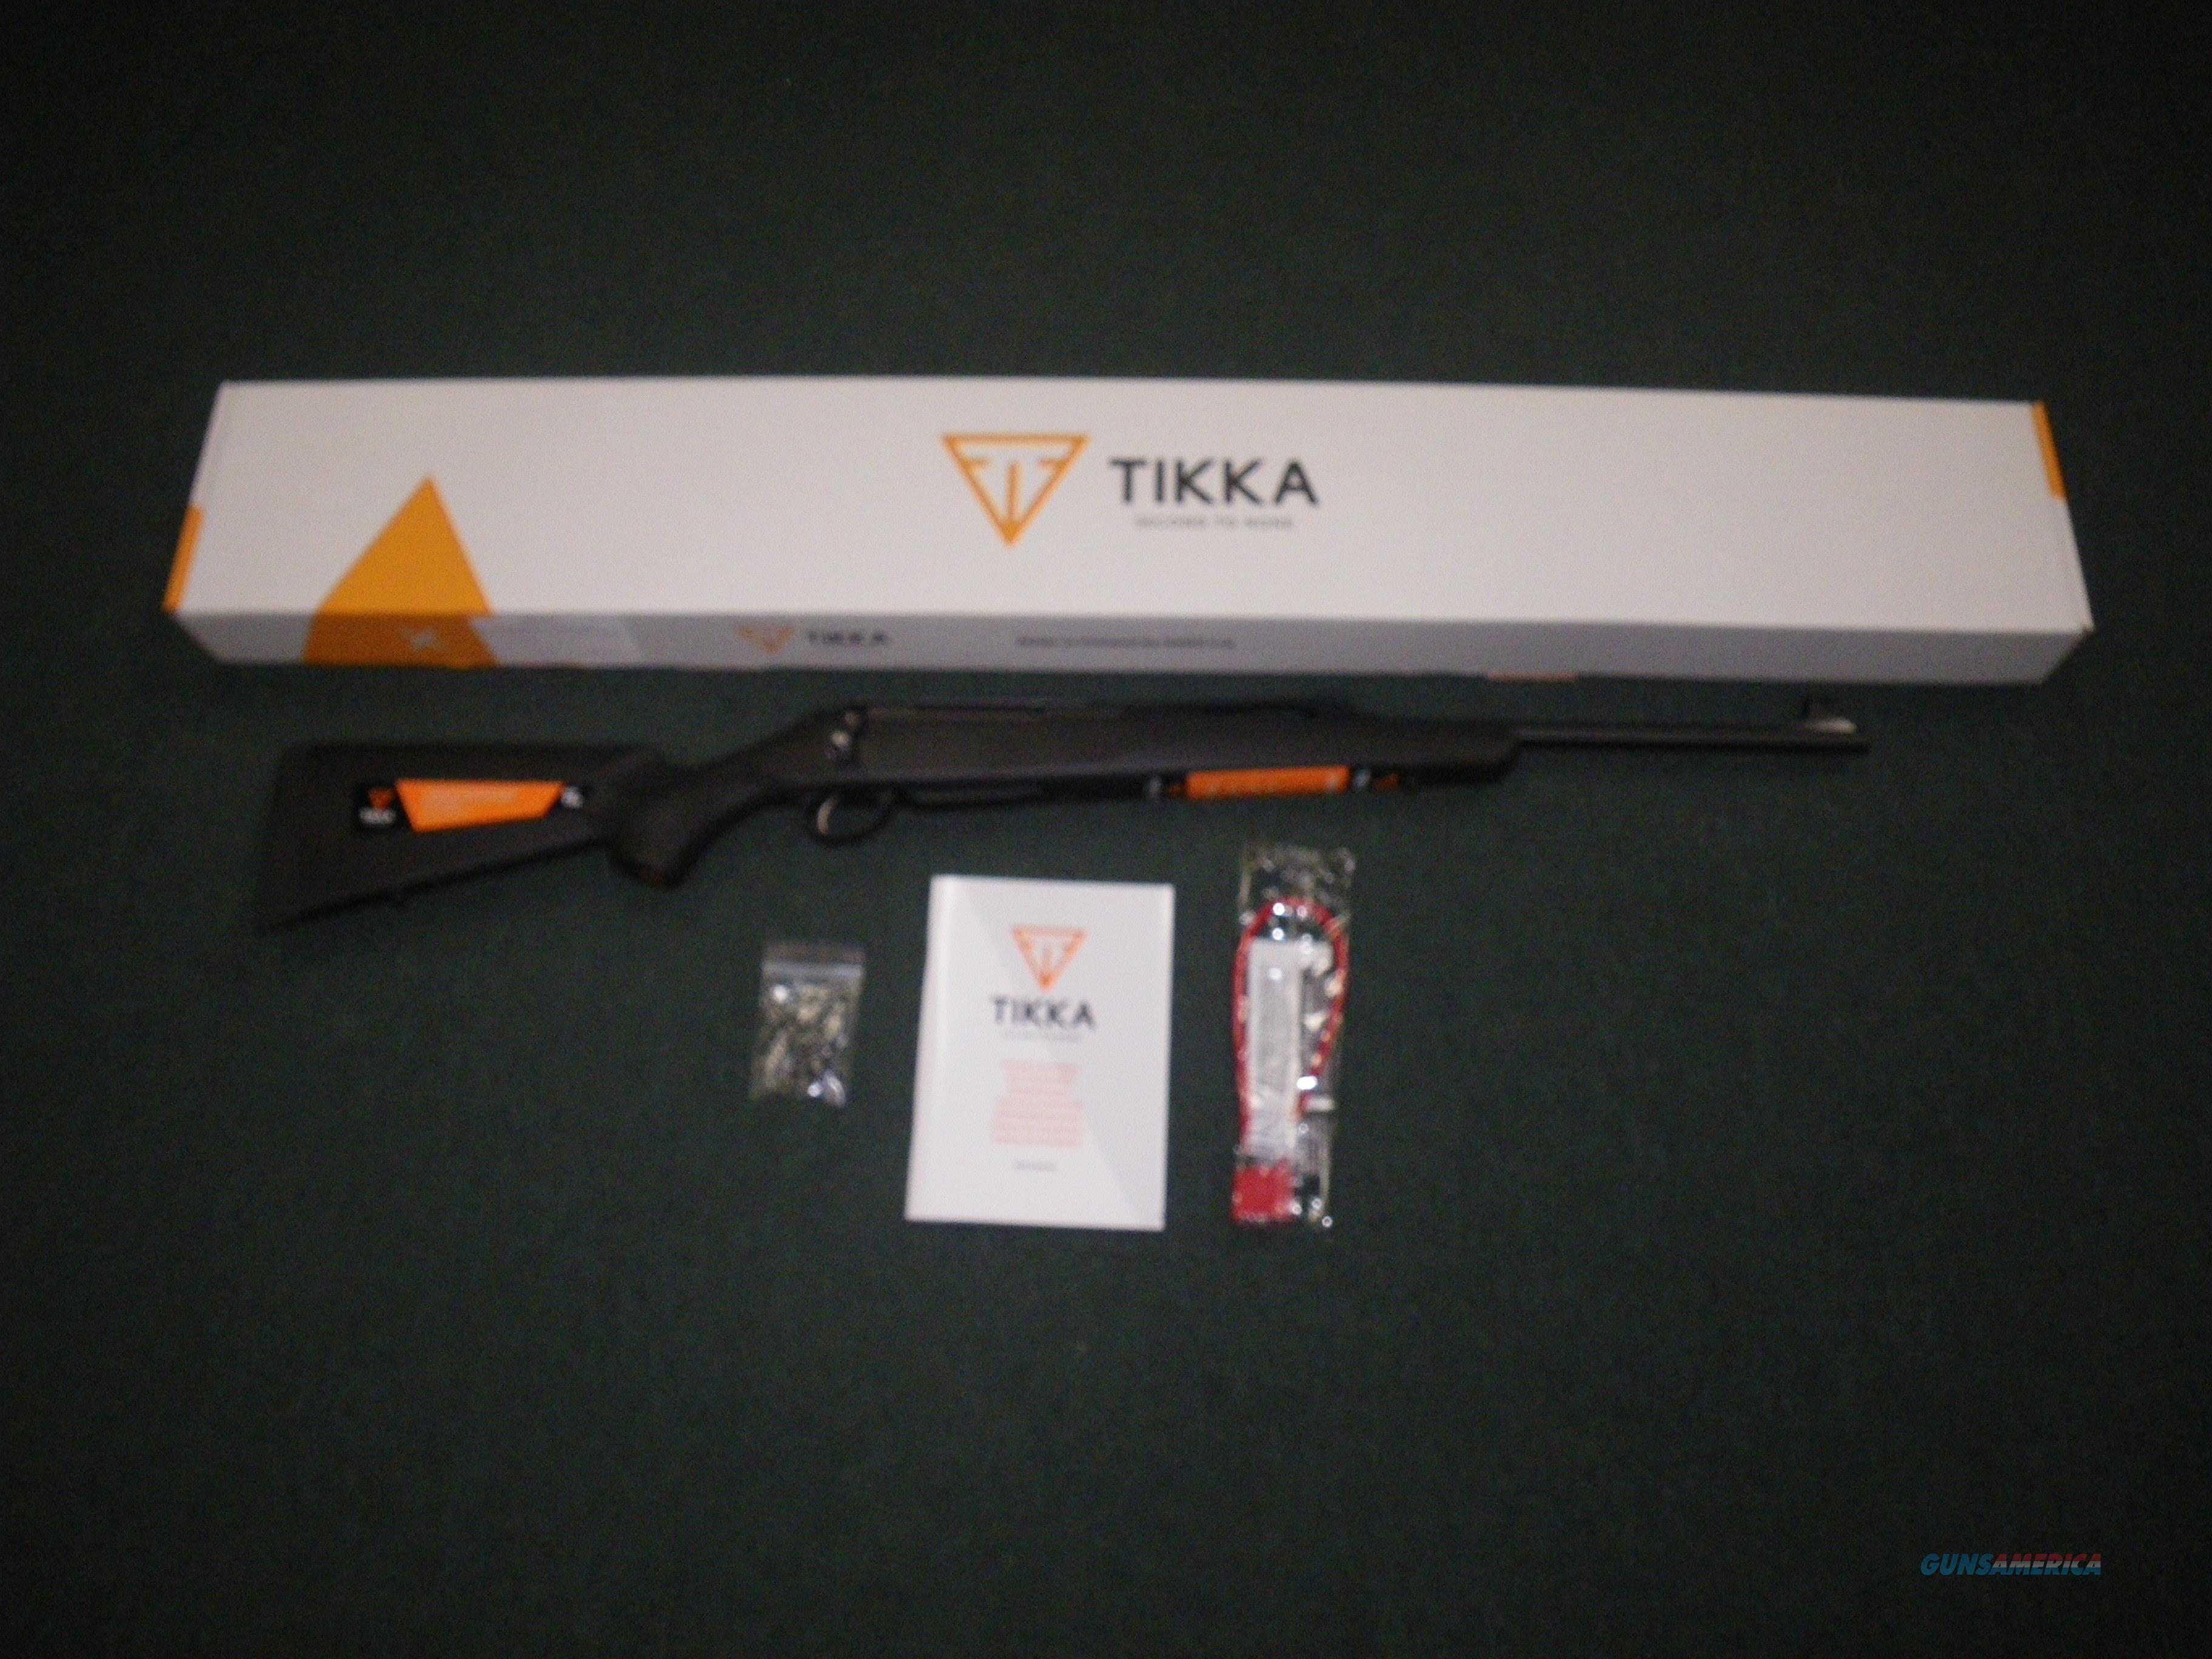 """Tikka T3x Battue Lite 308 Win 20"""" NEW JRTXB616  Guns > Rifles > Tikka Rifles > T3"""